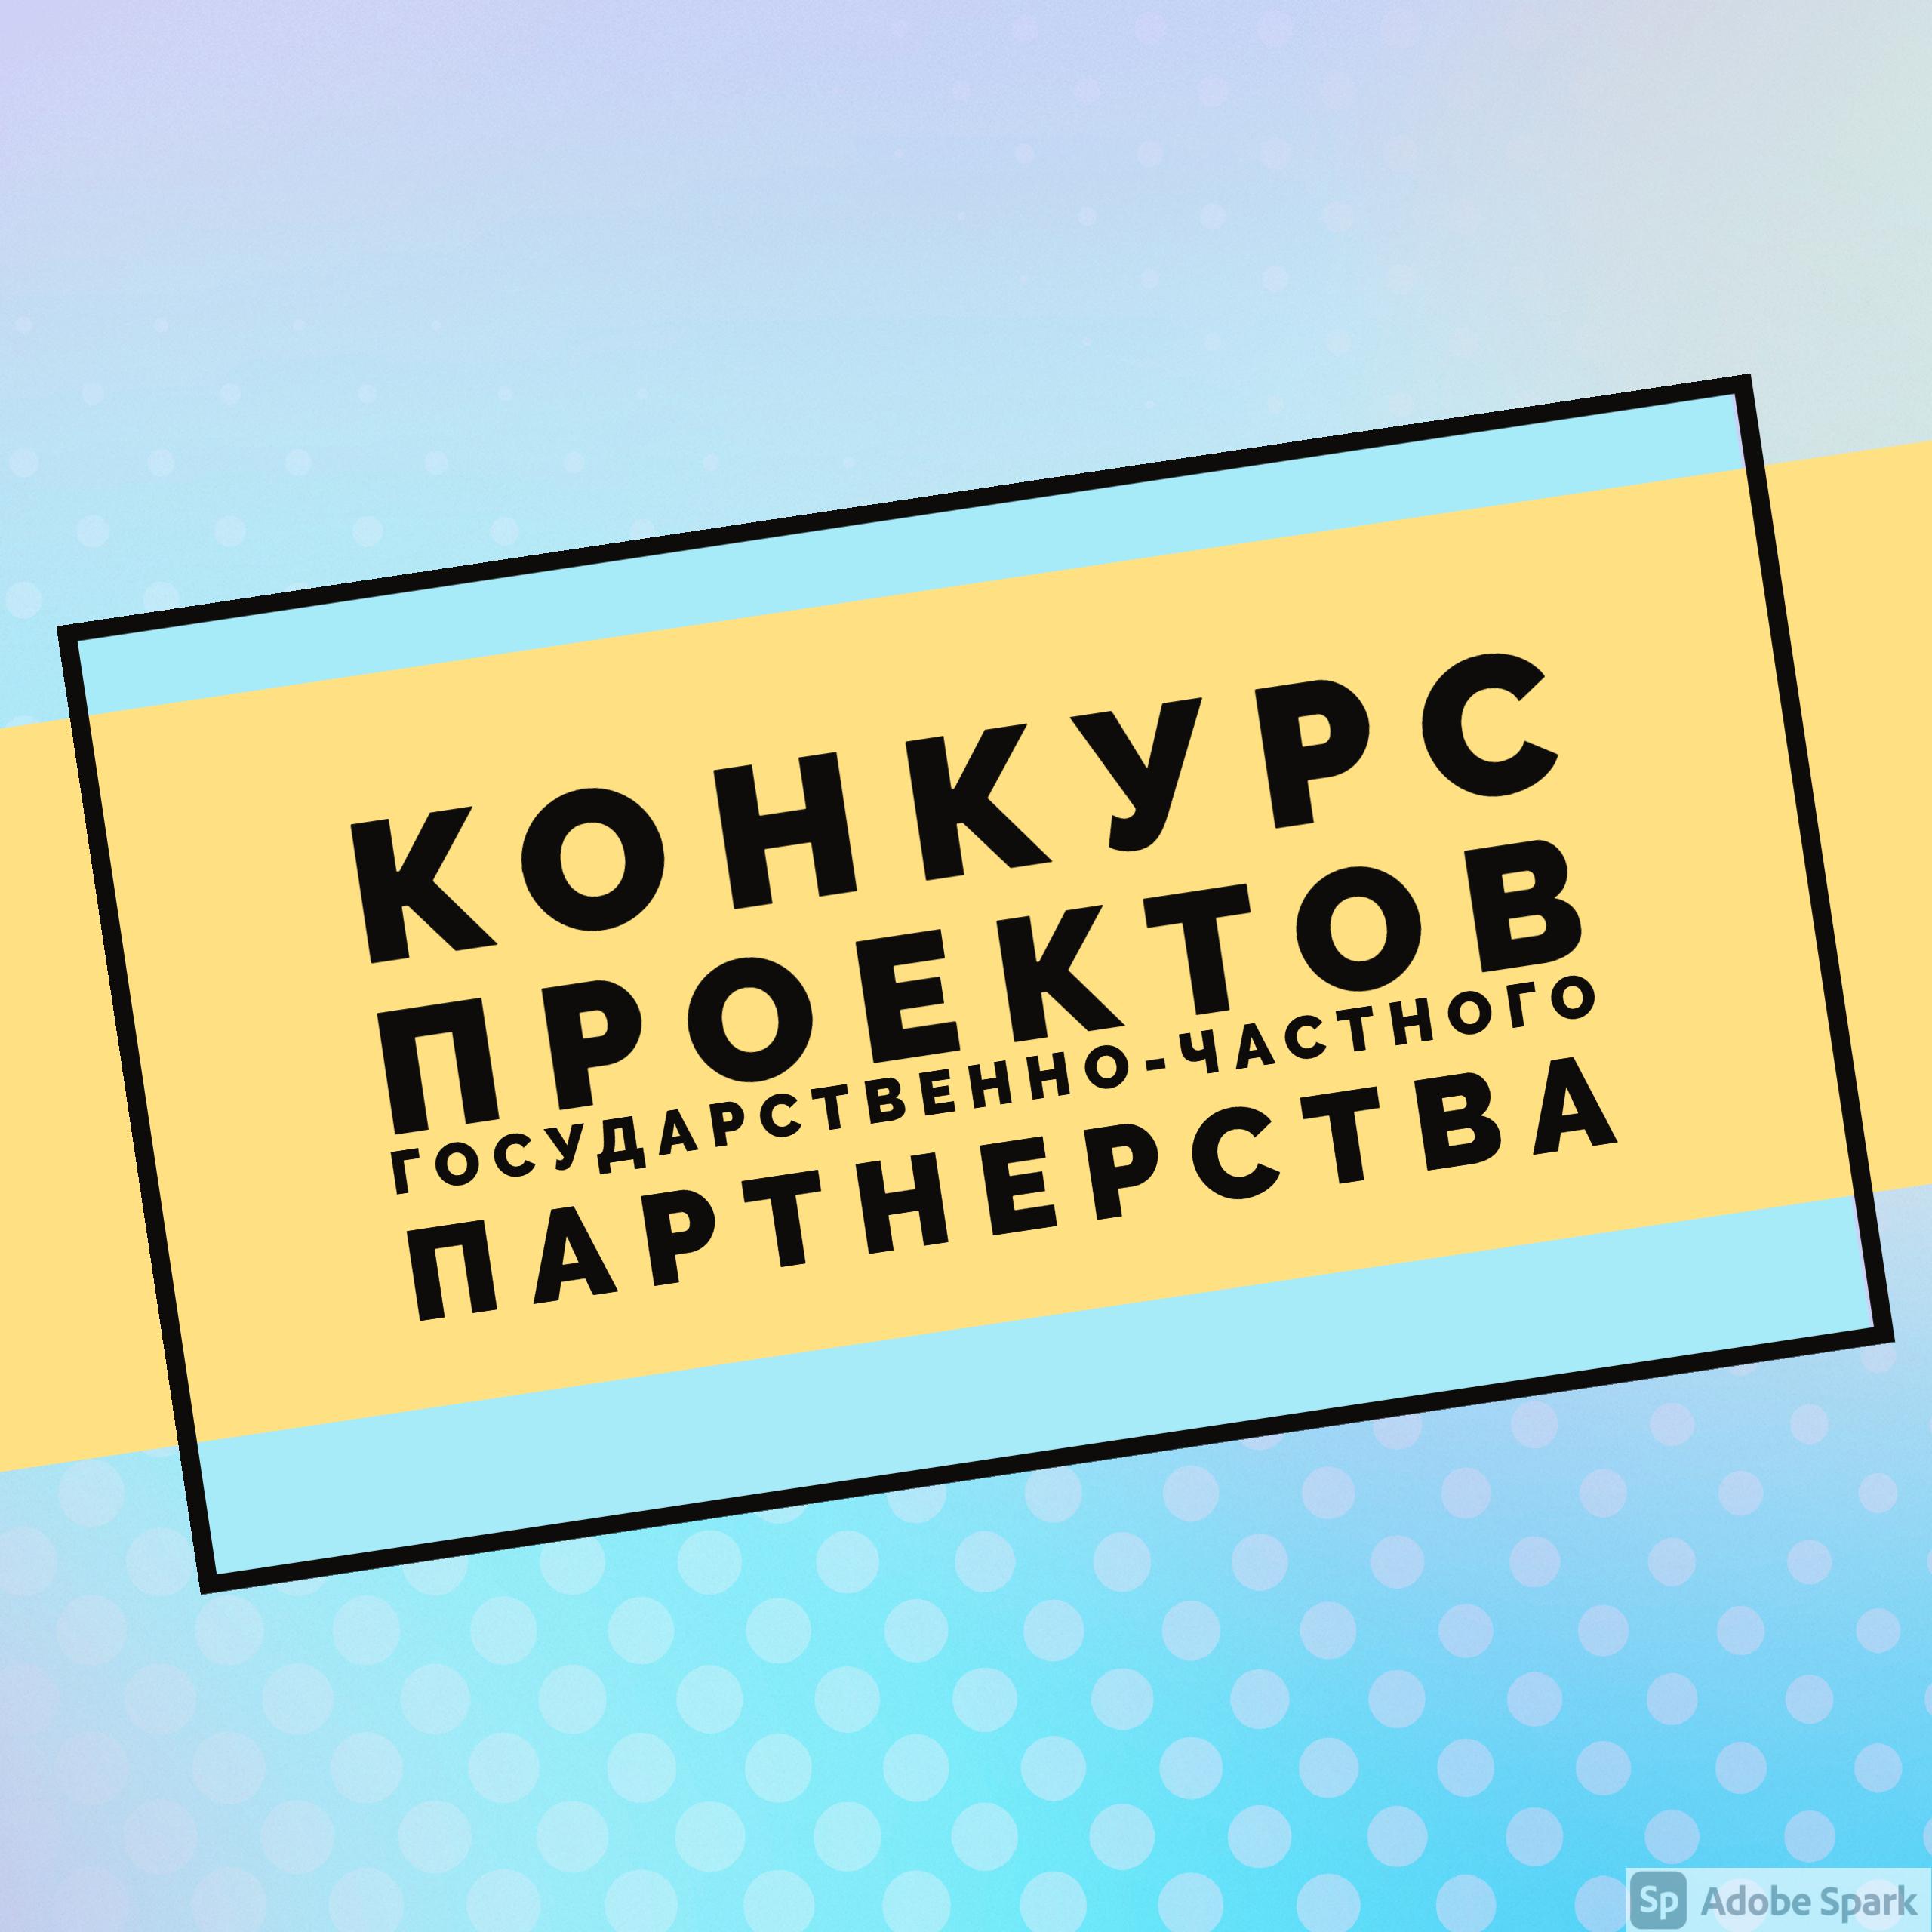 Конкурс проектов Государственно-частного партнерства